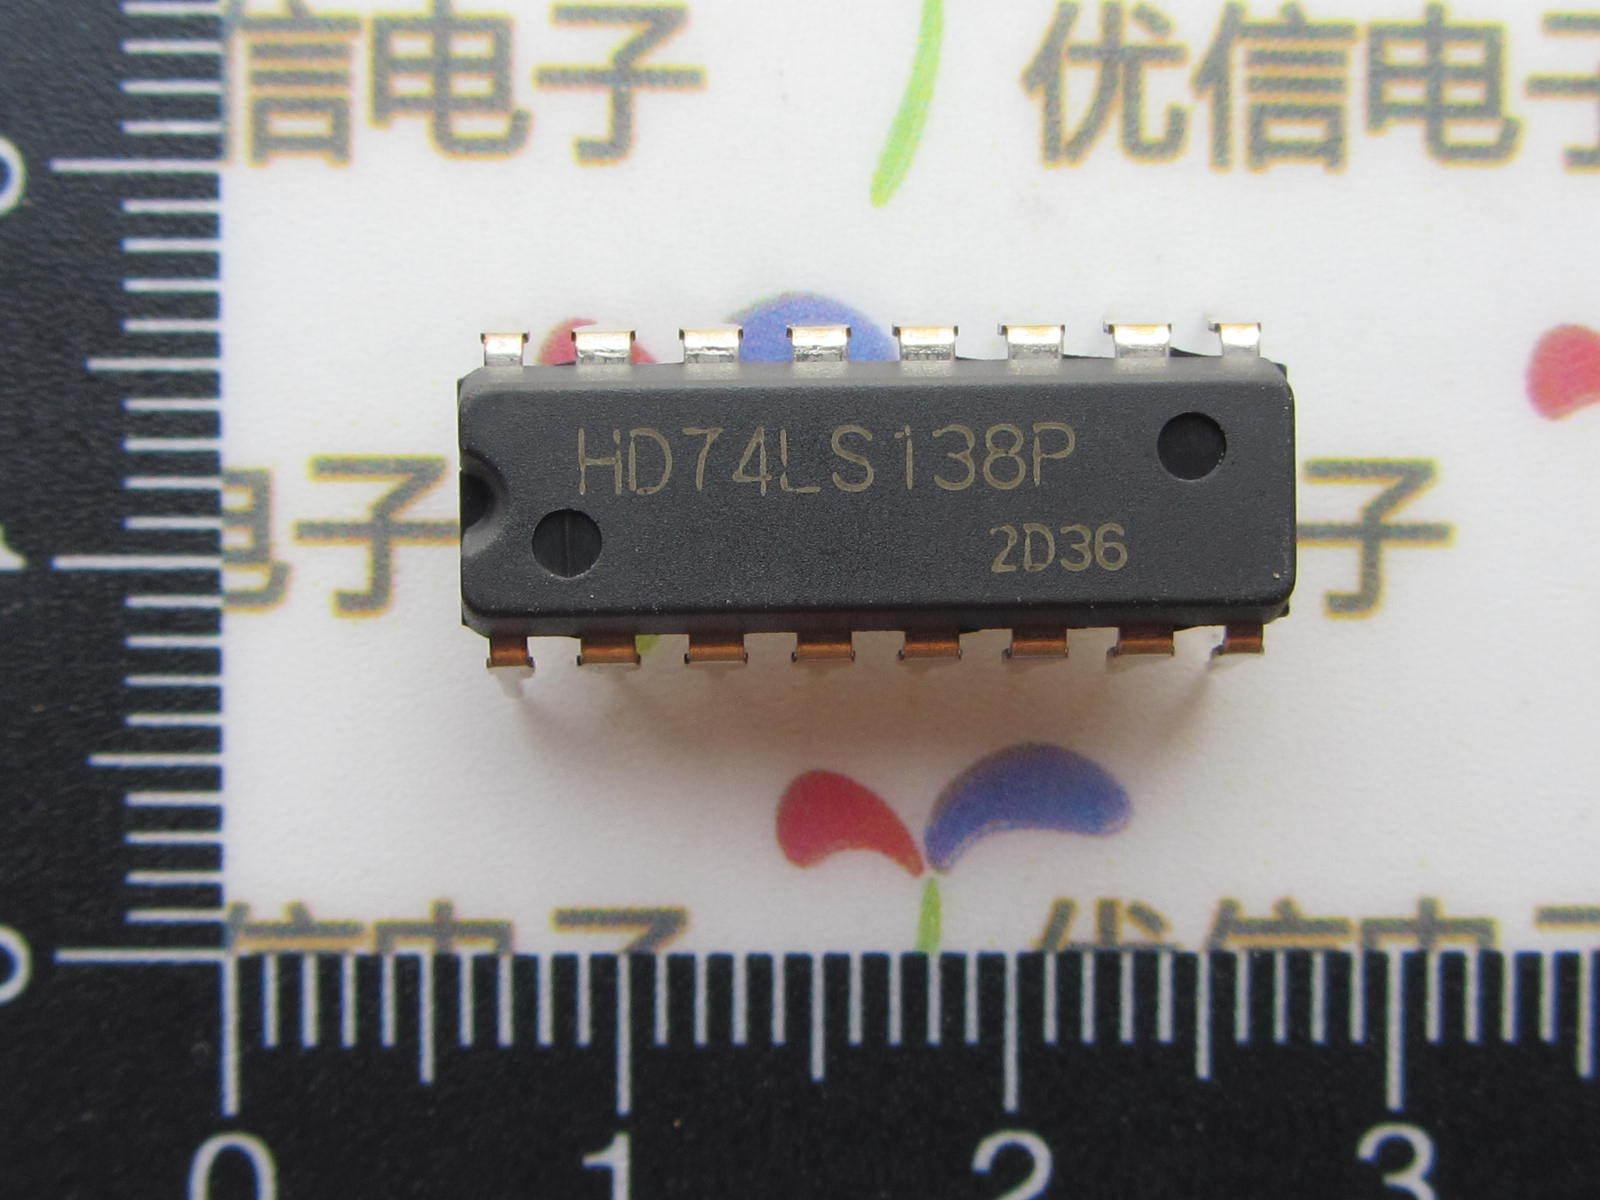 74LS138 line decoder / demultiplexer DIP-16 - A1530(China (Mainland))